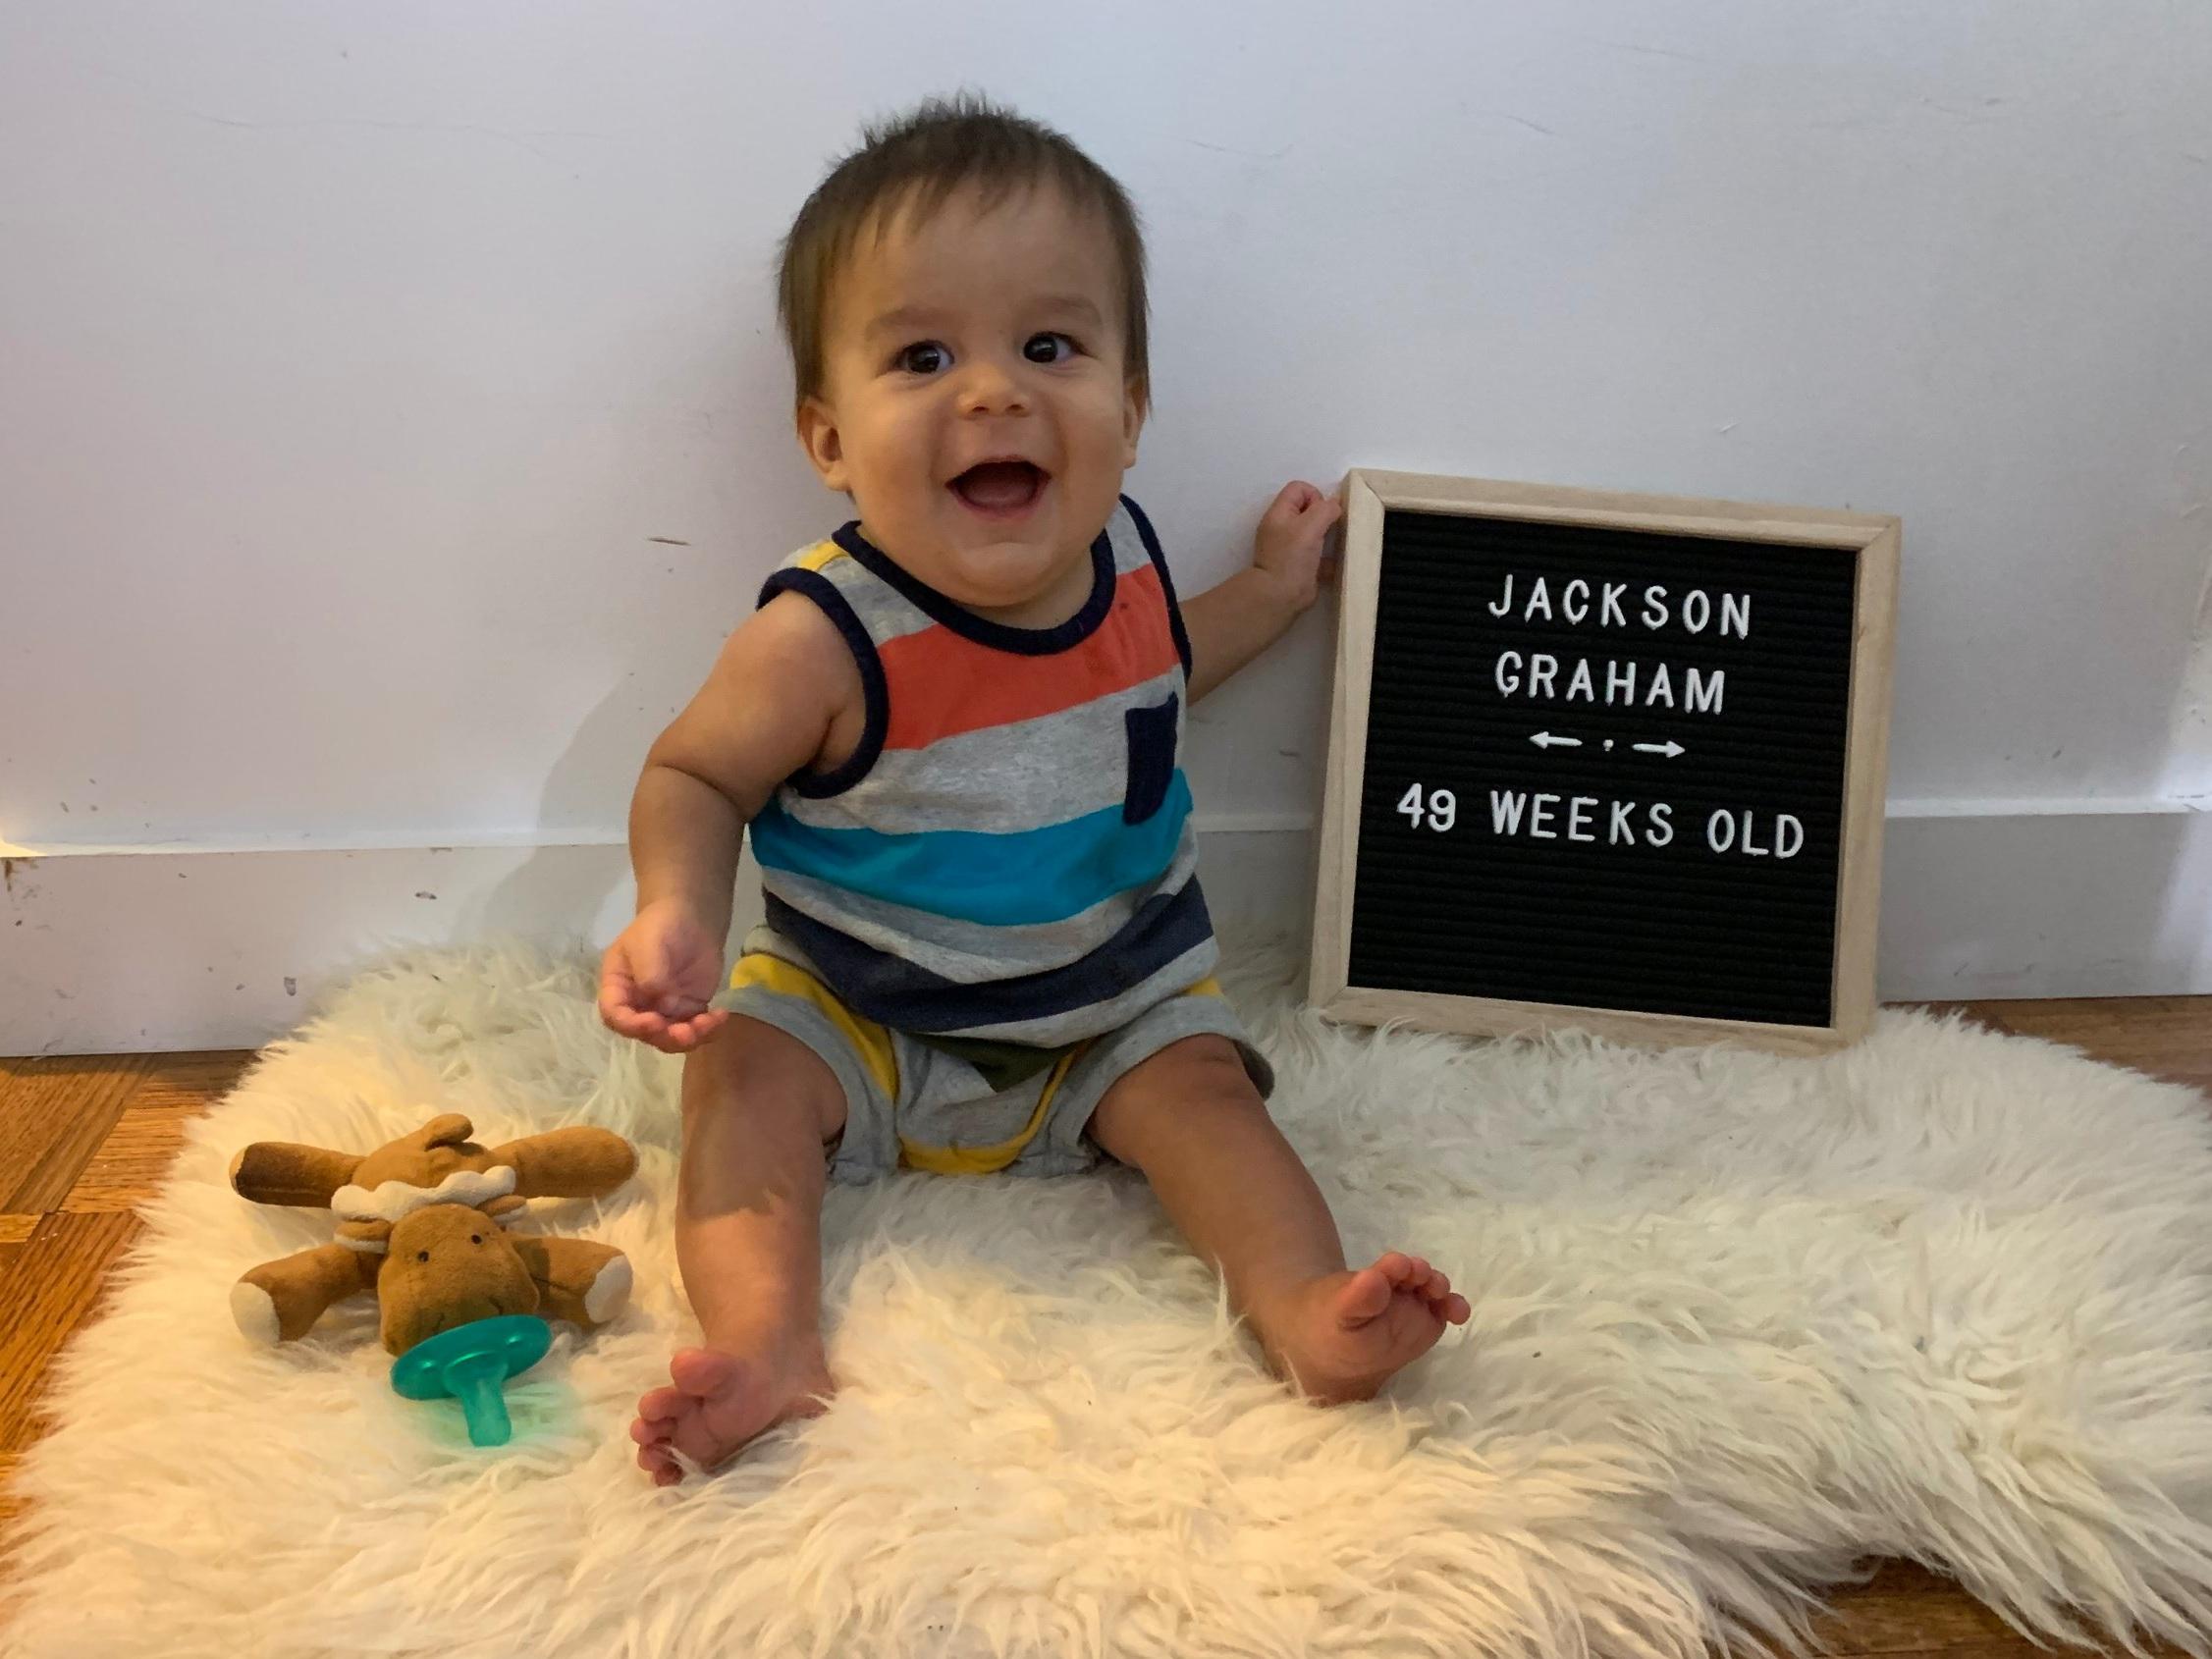 49 weeks old